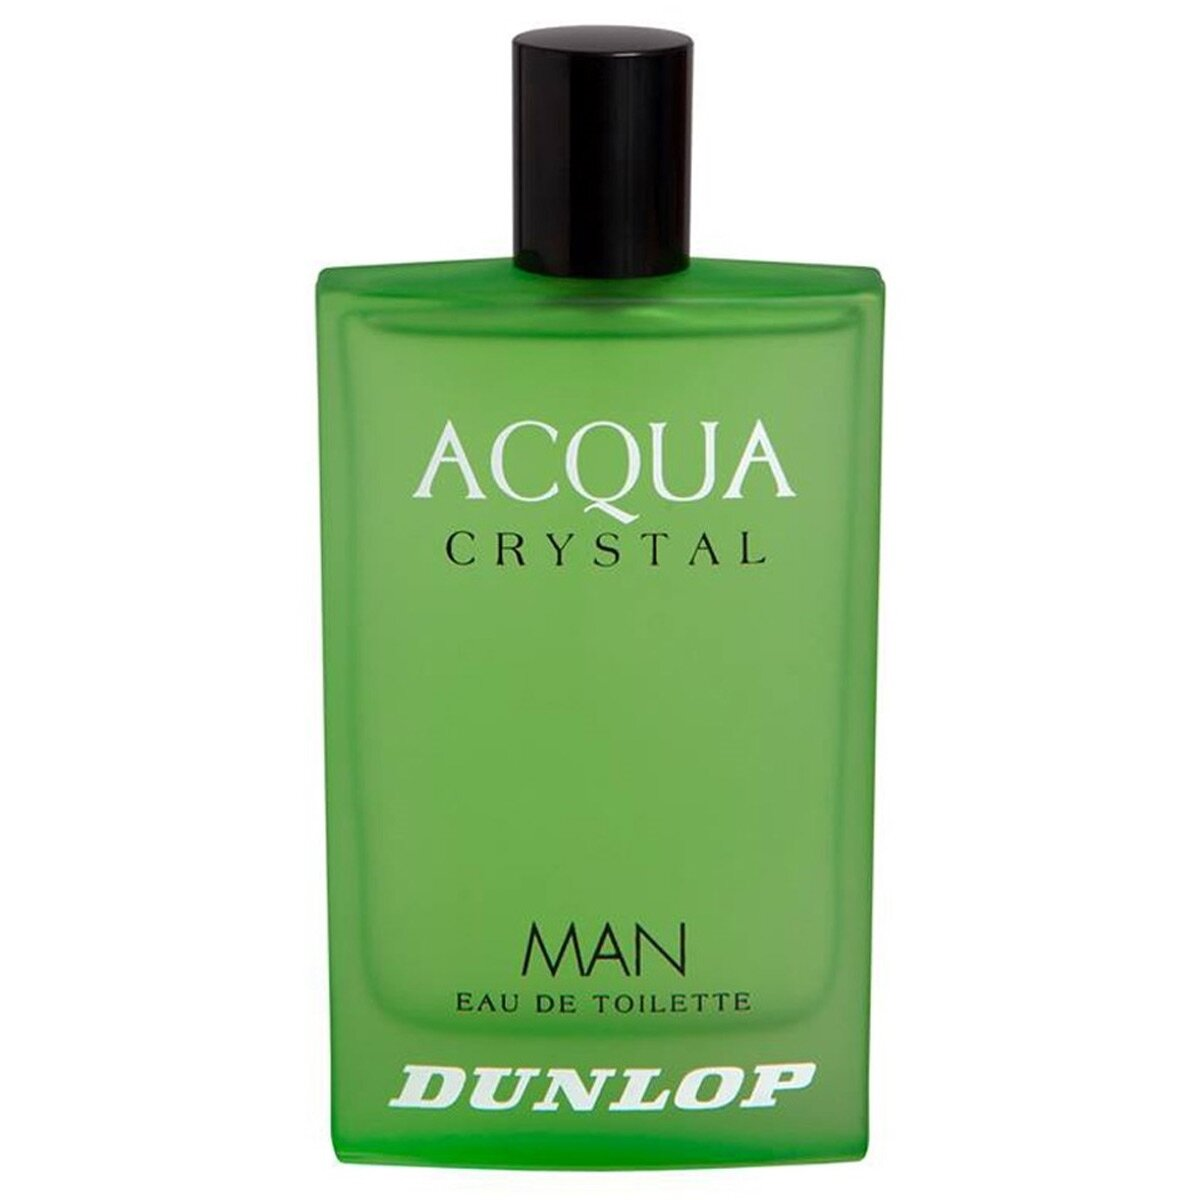 Aqua Crystal Erkek Parfümü Edt 100 ml